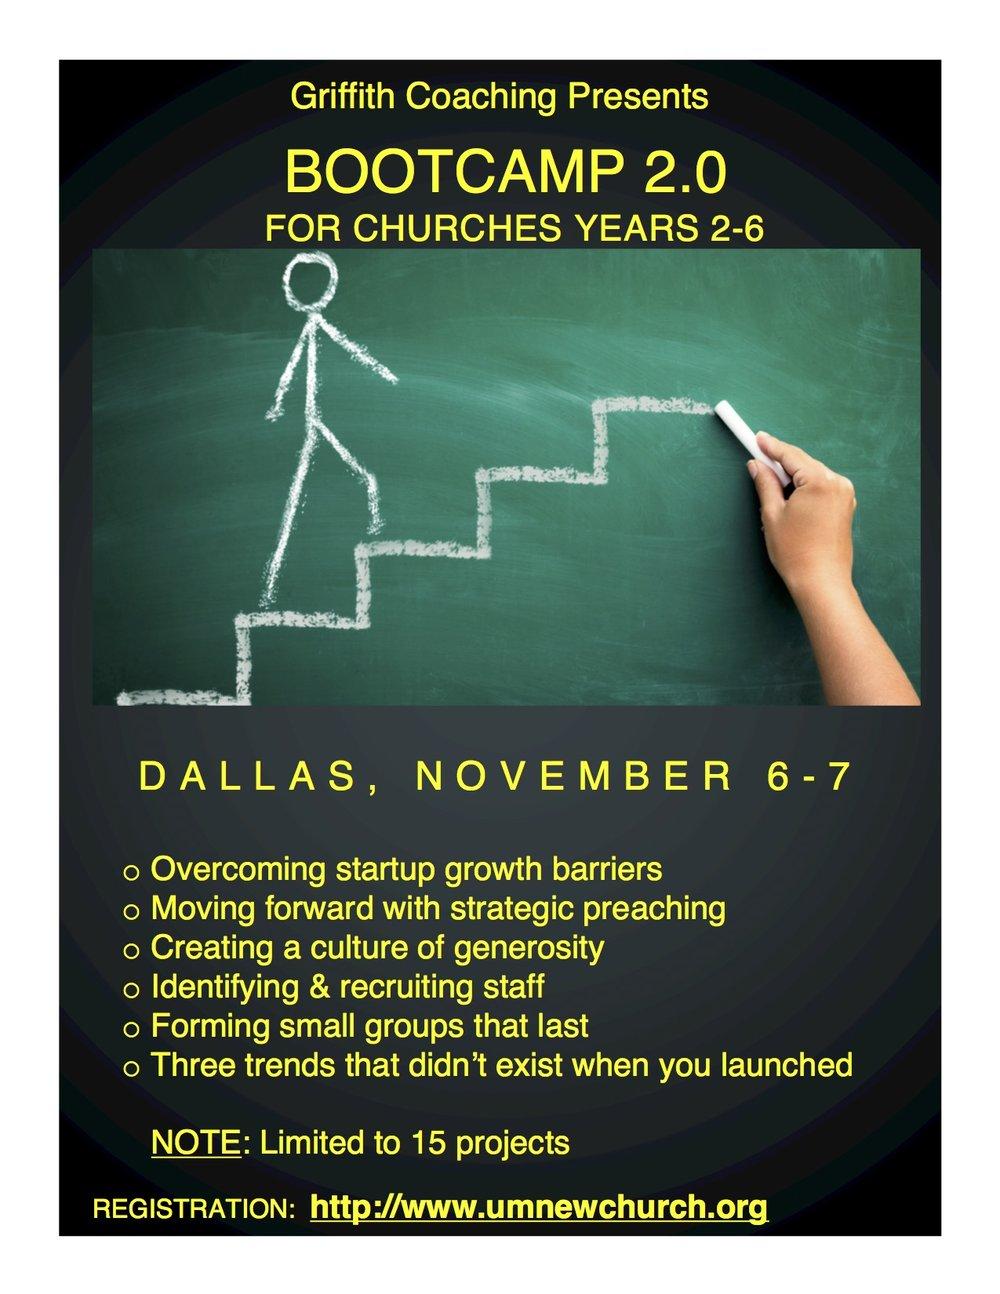 BC 2.0 Dallas 11-17 Flyer jpeg.jpg